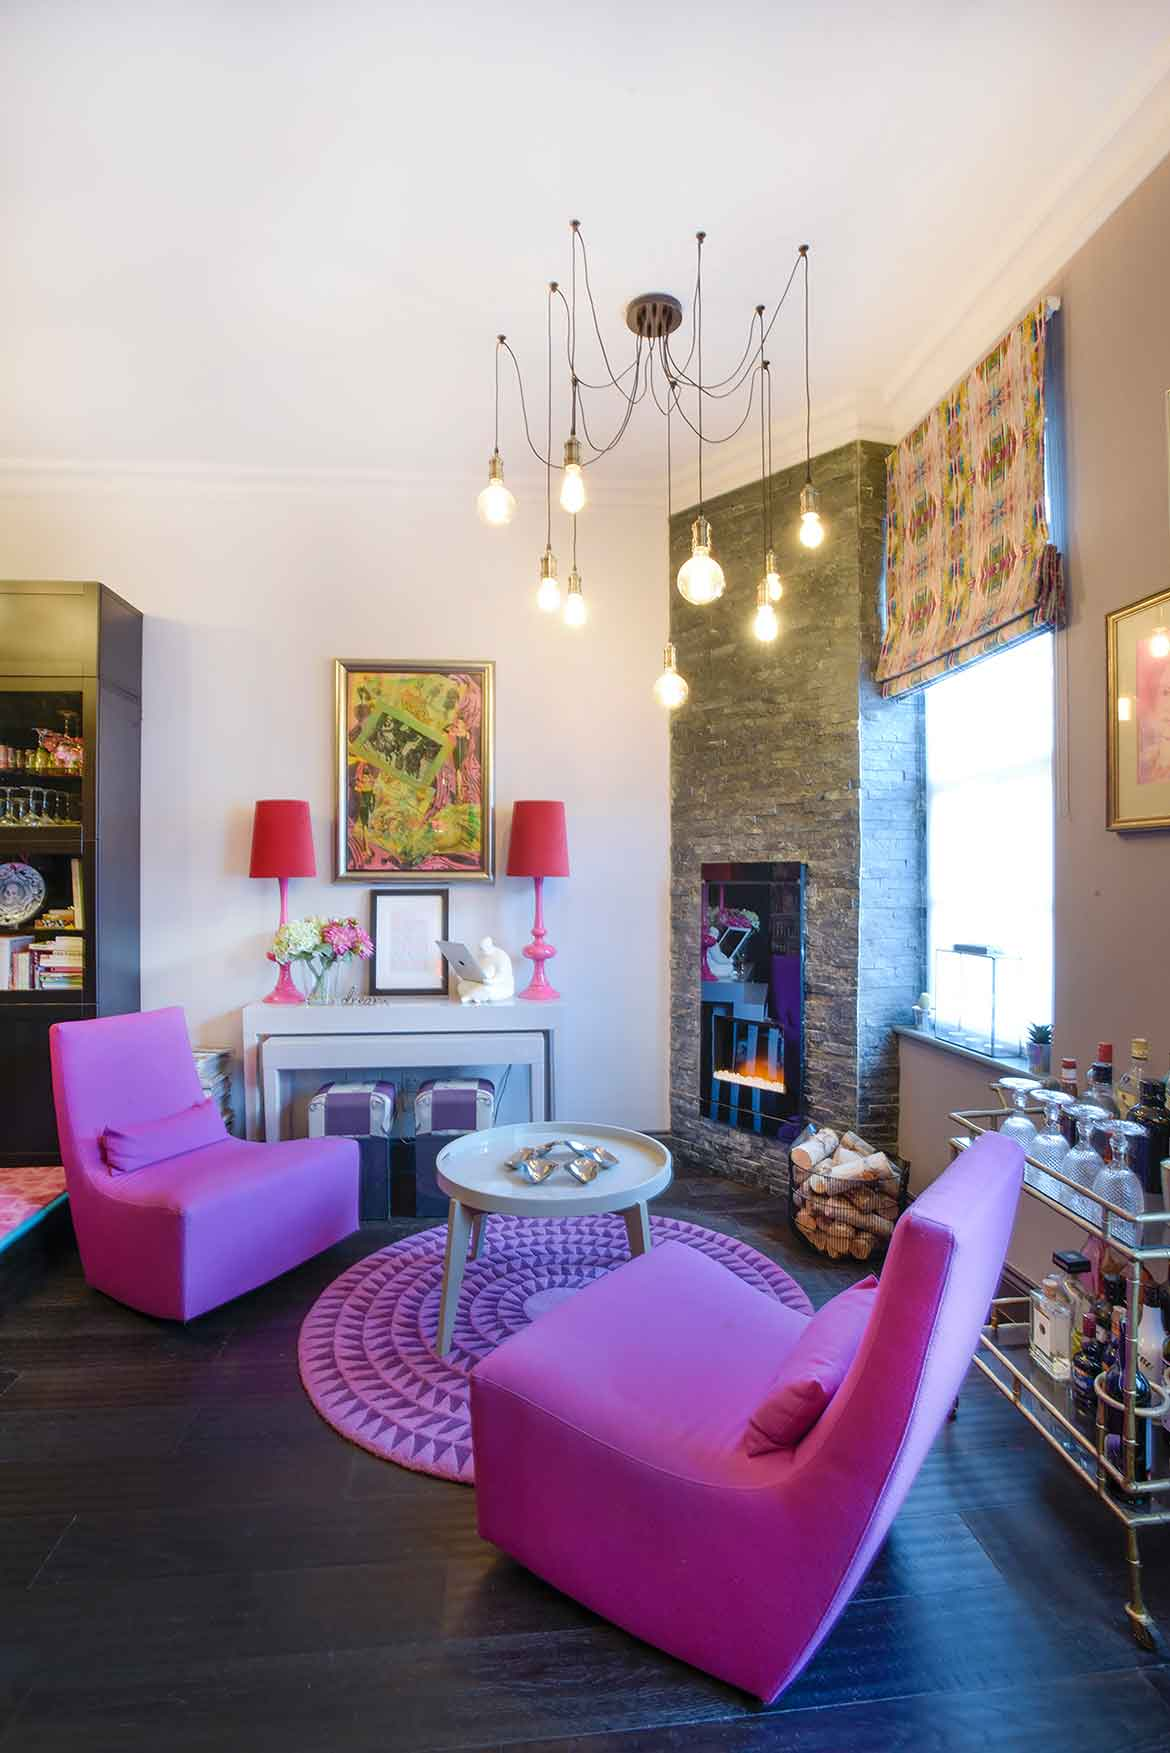 Norwich based interior design